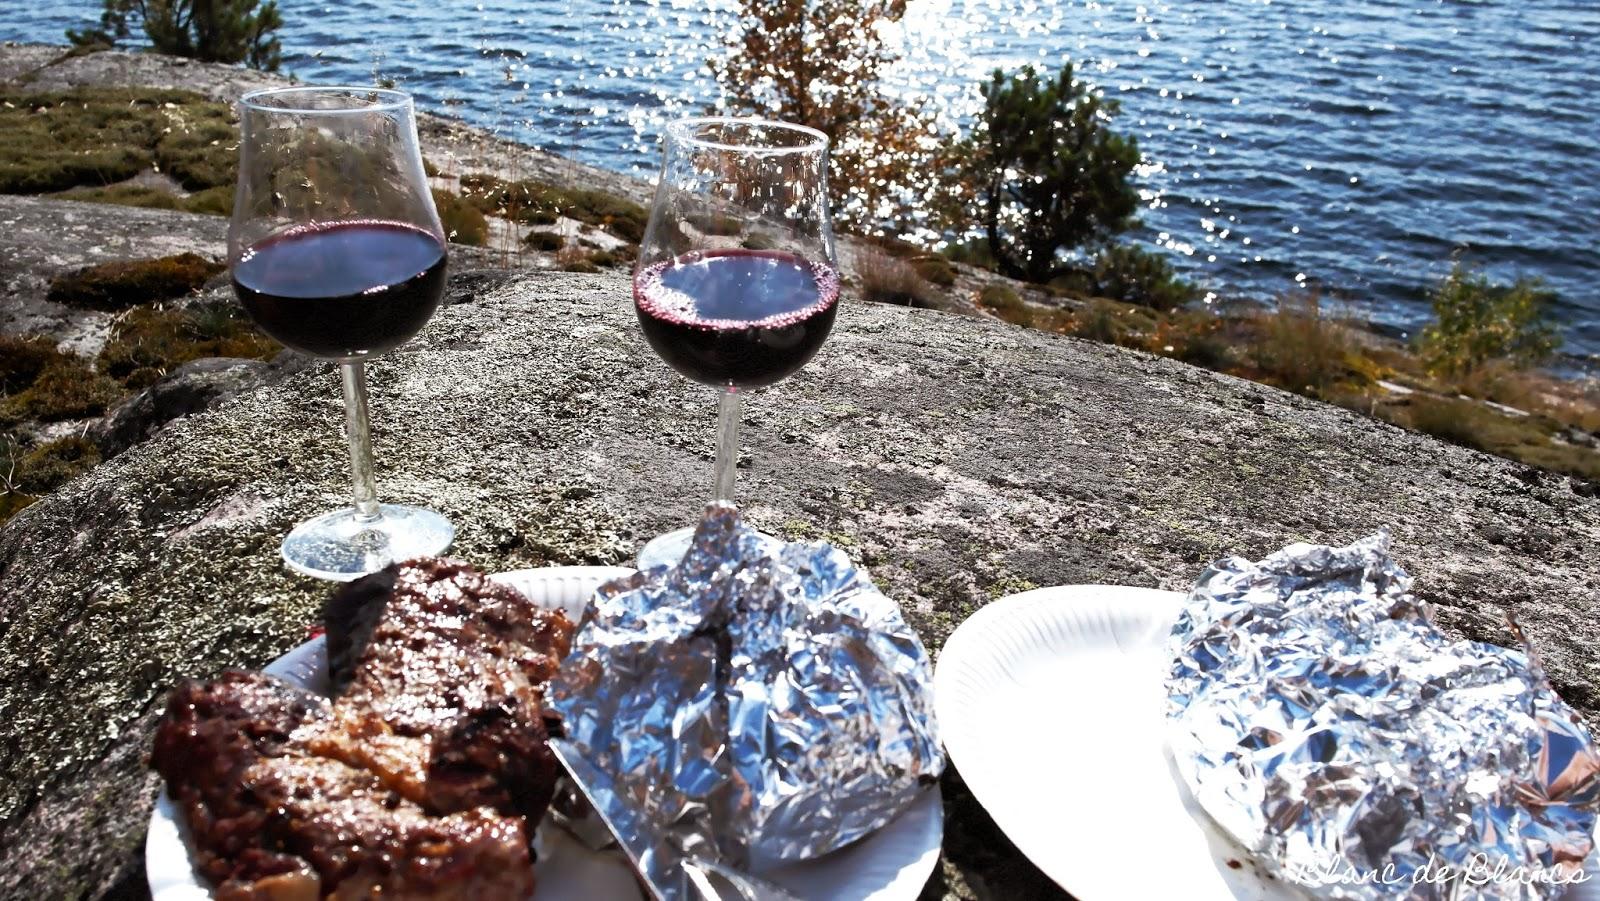 Grilliruokaa ja viiniä rantakalliolla - www.blancdeblancs.fi